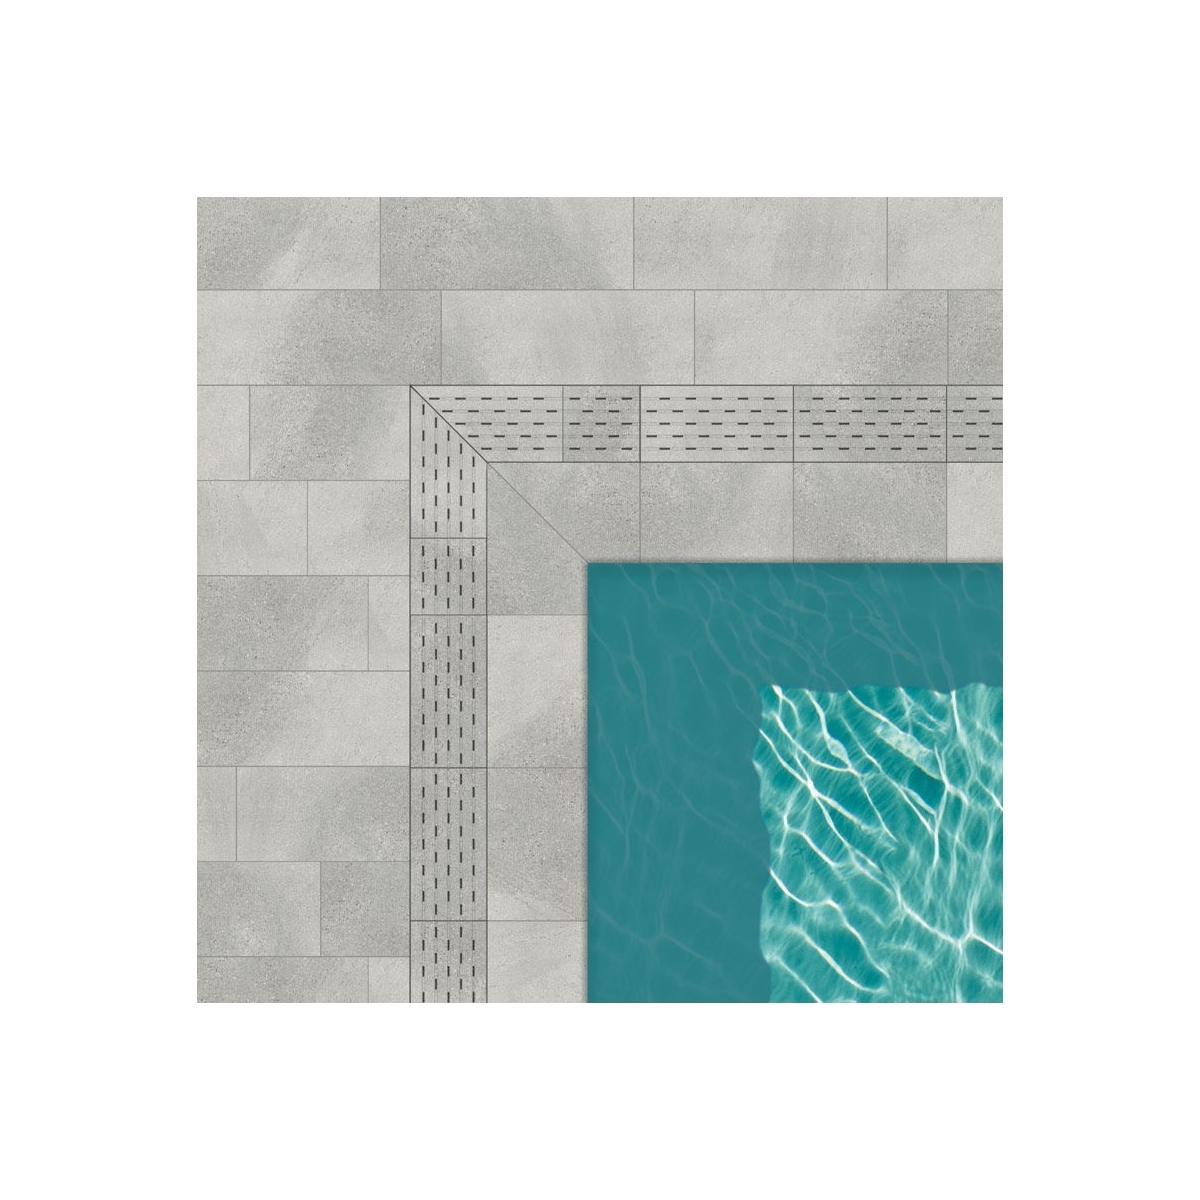 Coronación de piscina Creta Stromboli Silver de Cerámicas Mayor - Bordes de piscina Stromboli Silver